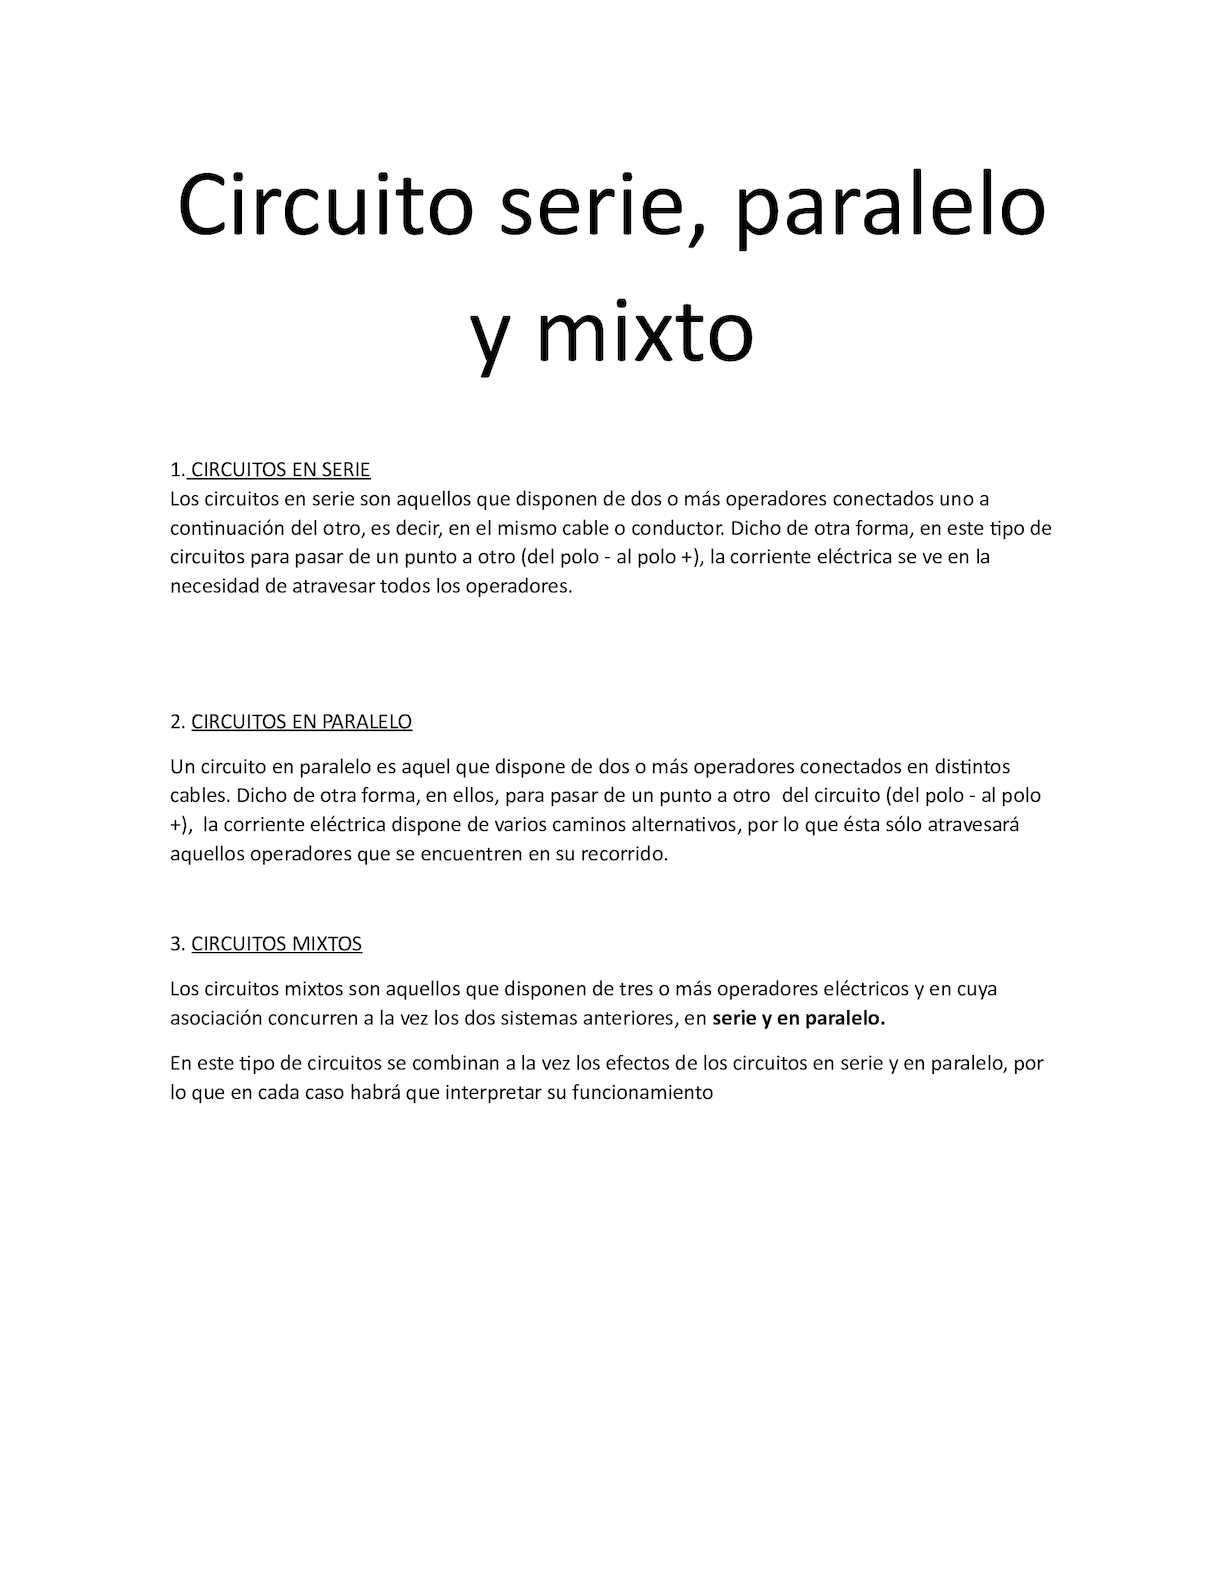 Circuito En Serie : Calaméo circuito serie paralelo mixto